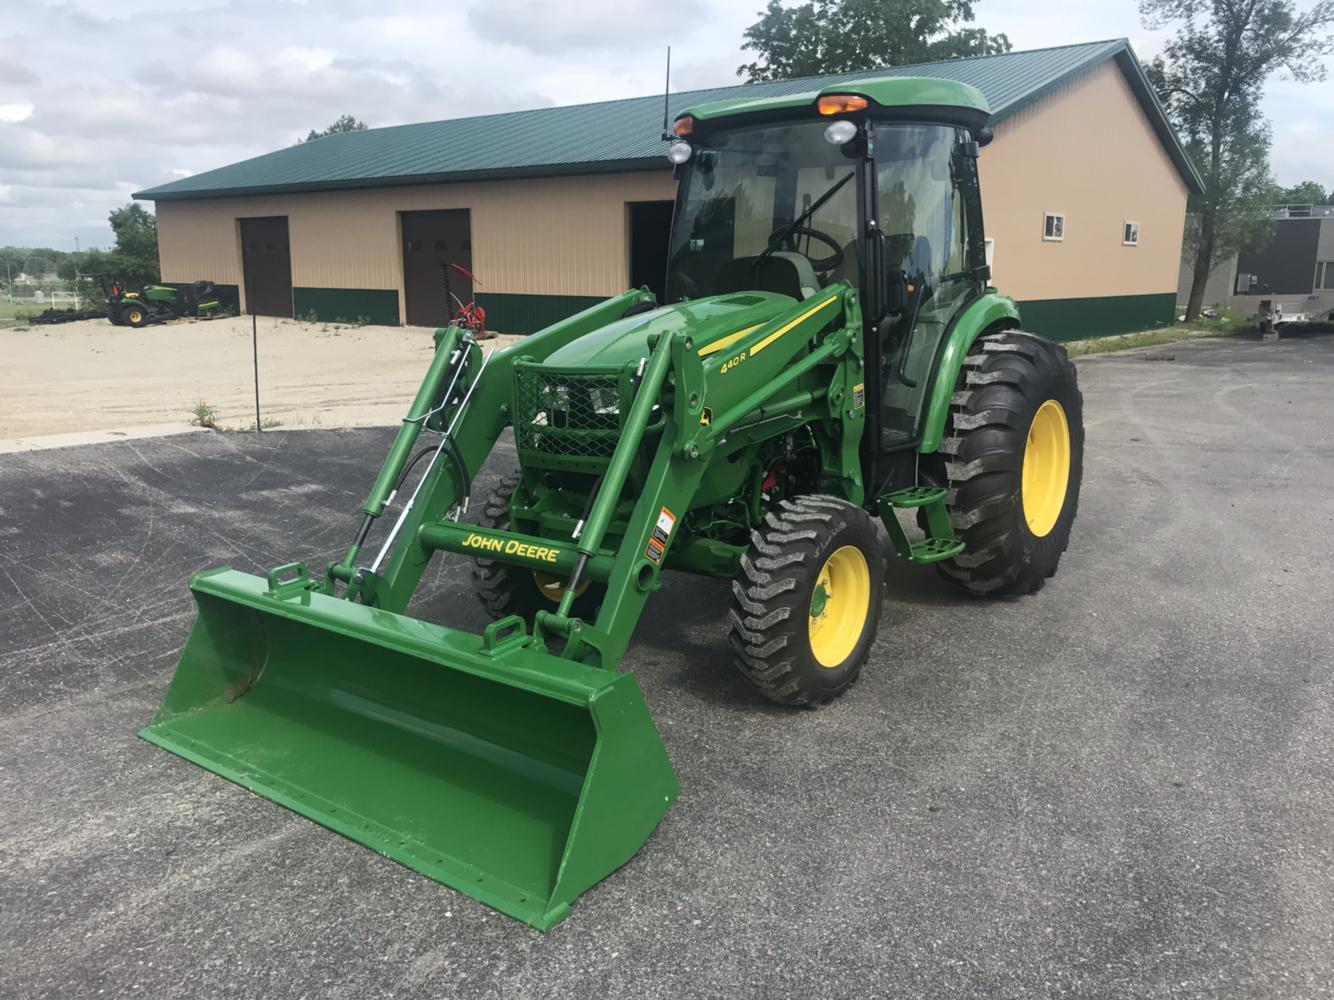 John Deere For Sale >> 2019 John Deere 4066r Tractor